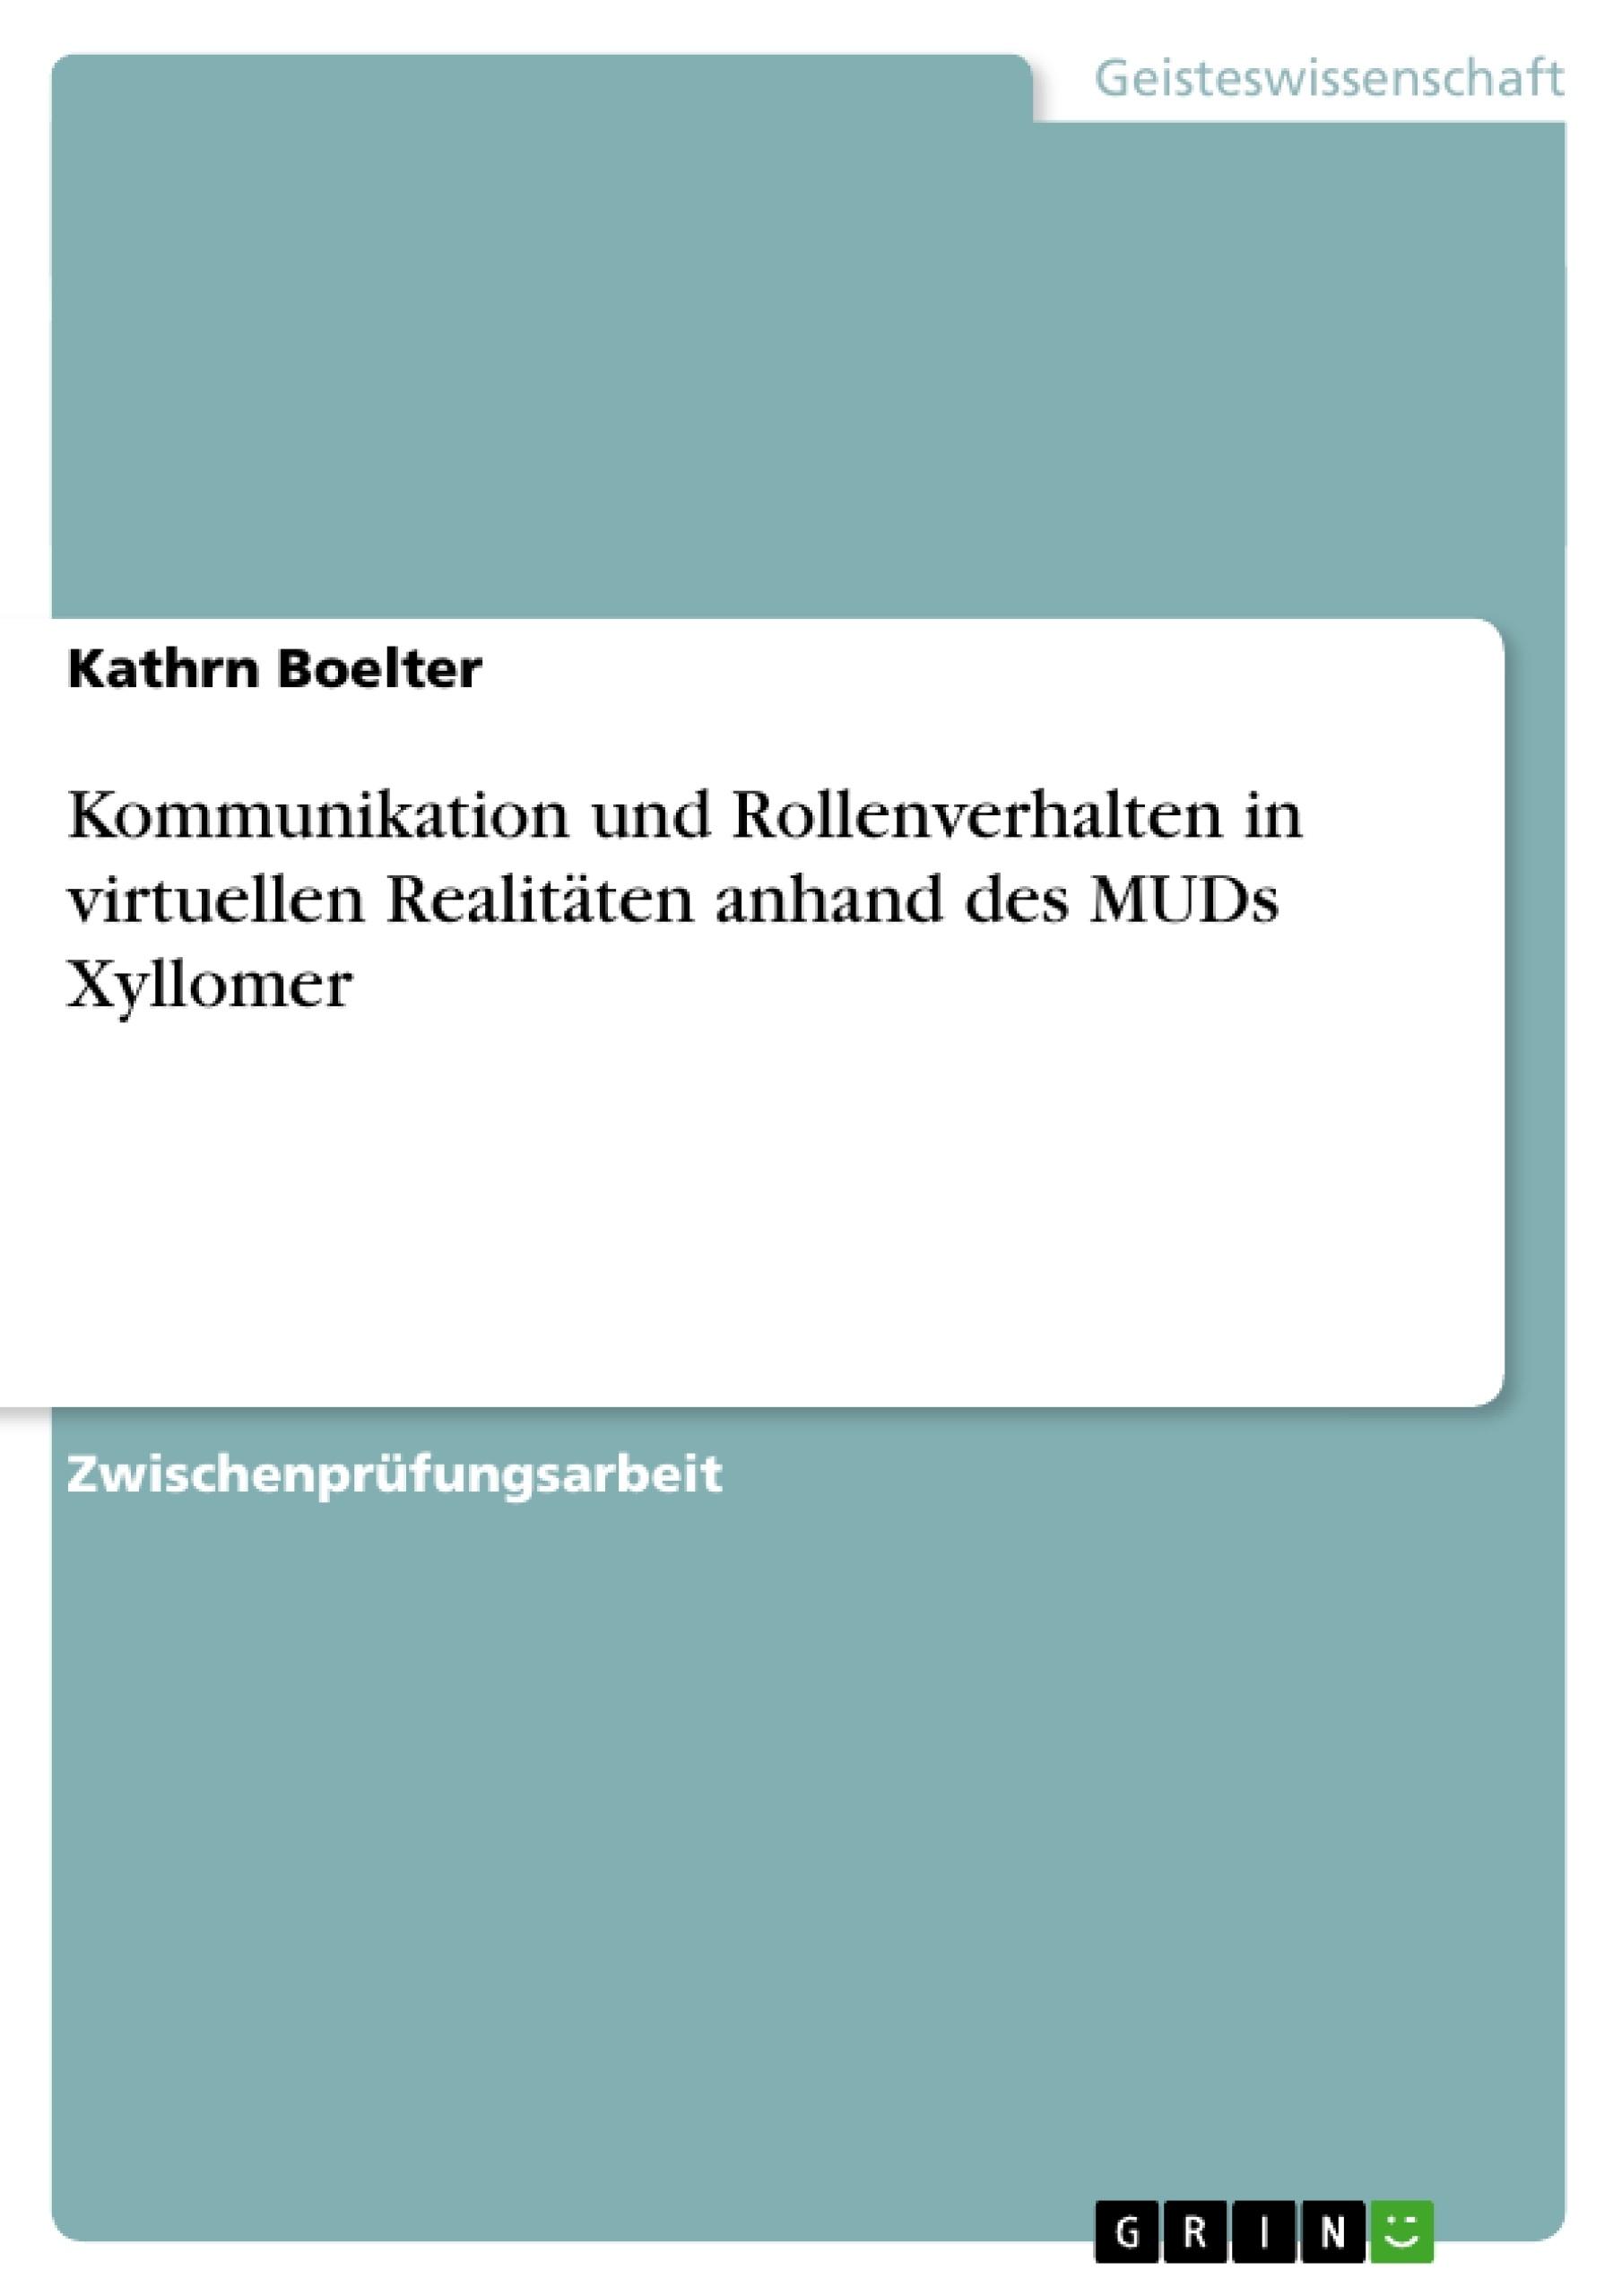 Titel: Kommunikation und Rollenverhalten in virtuellen Realitäten anhand des MUDs Xyllomer